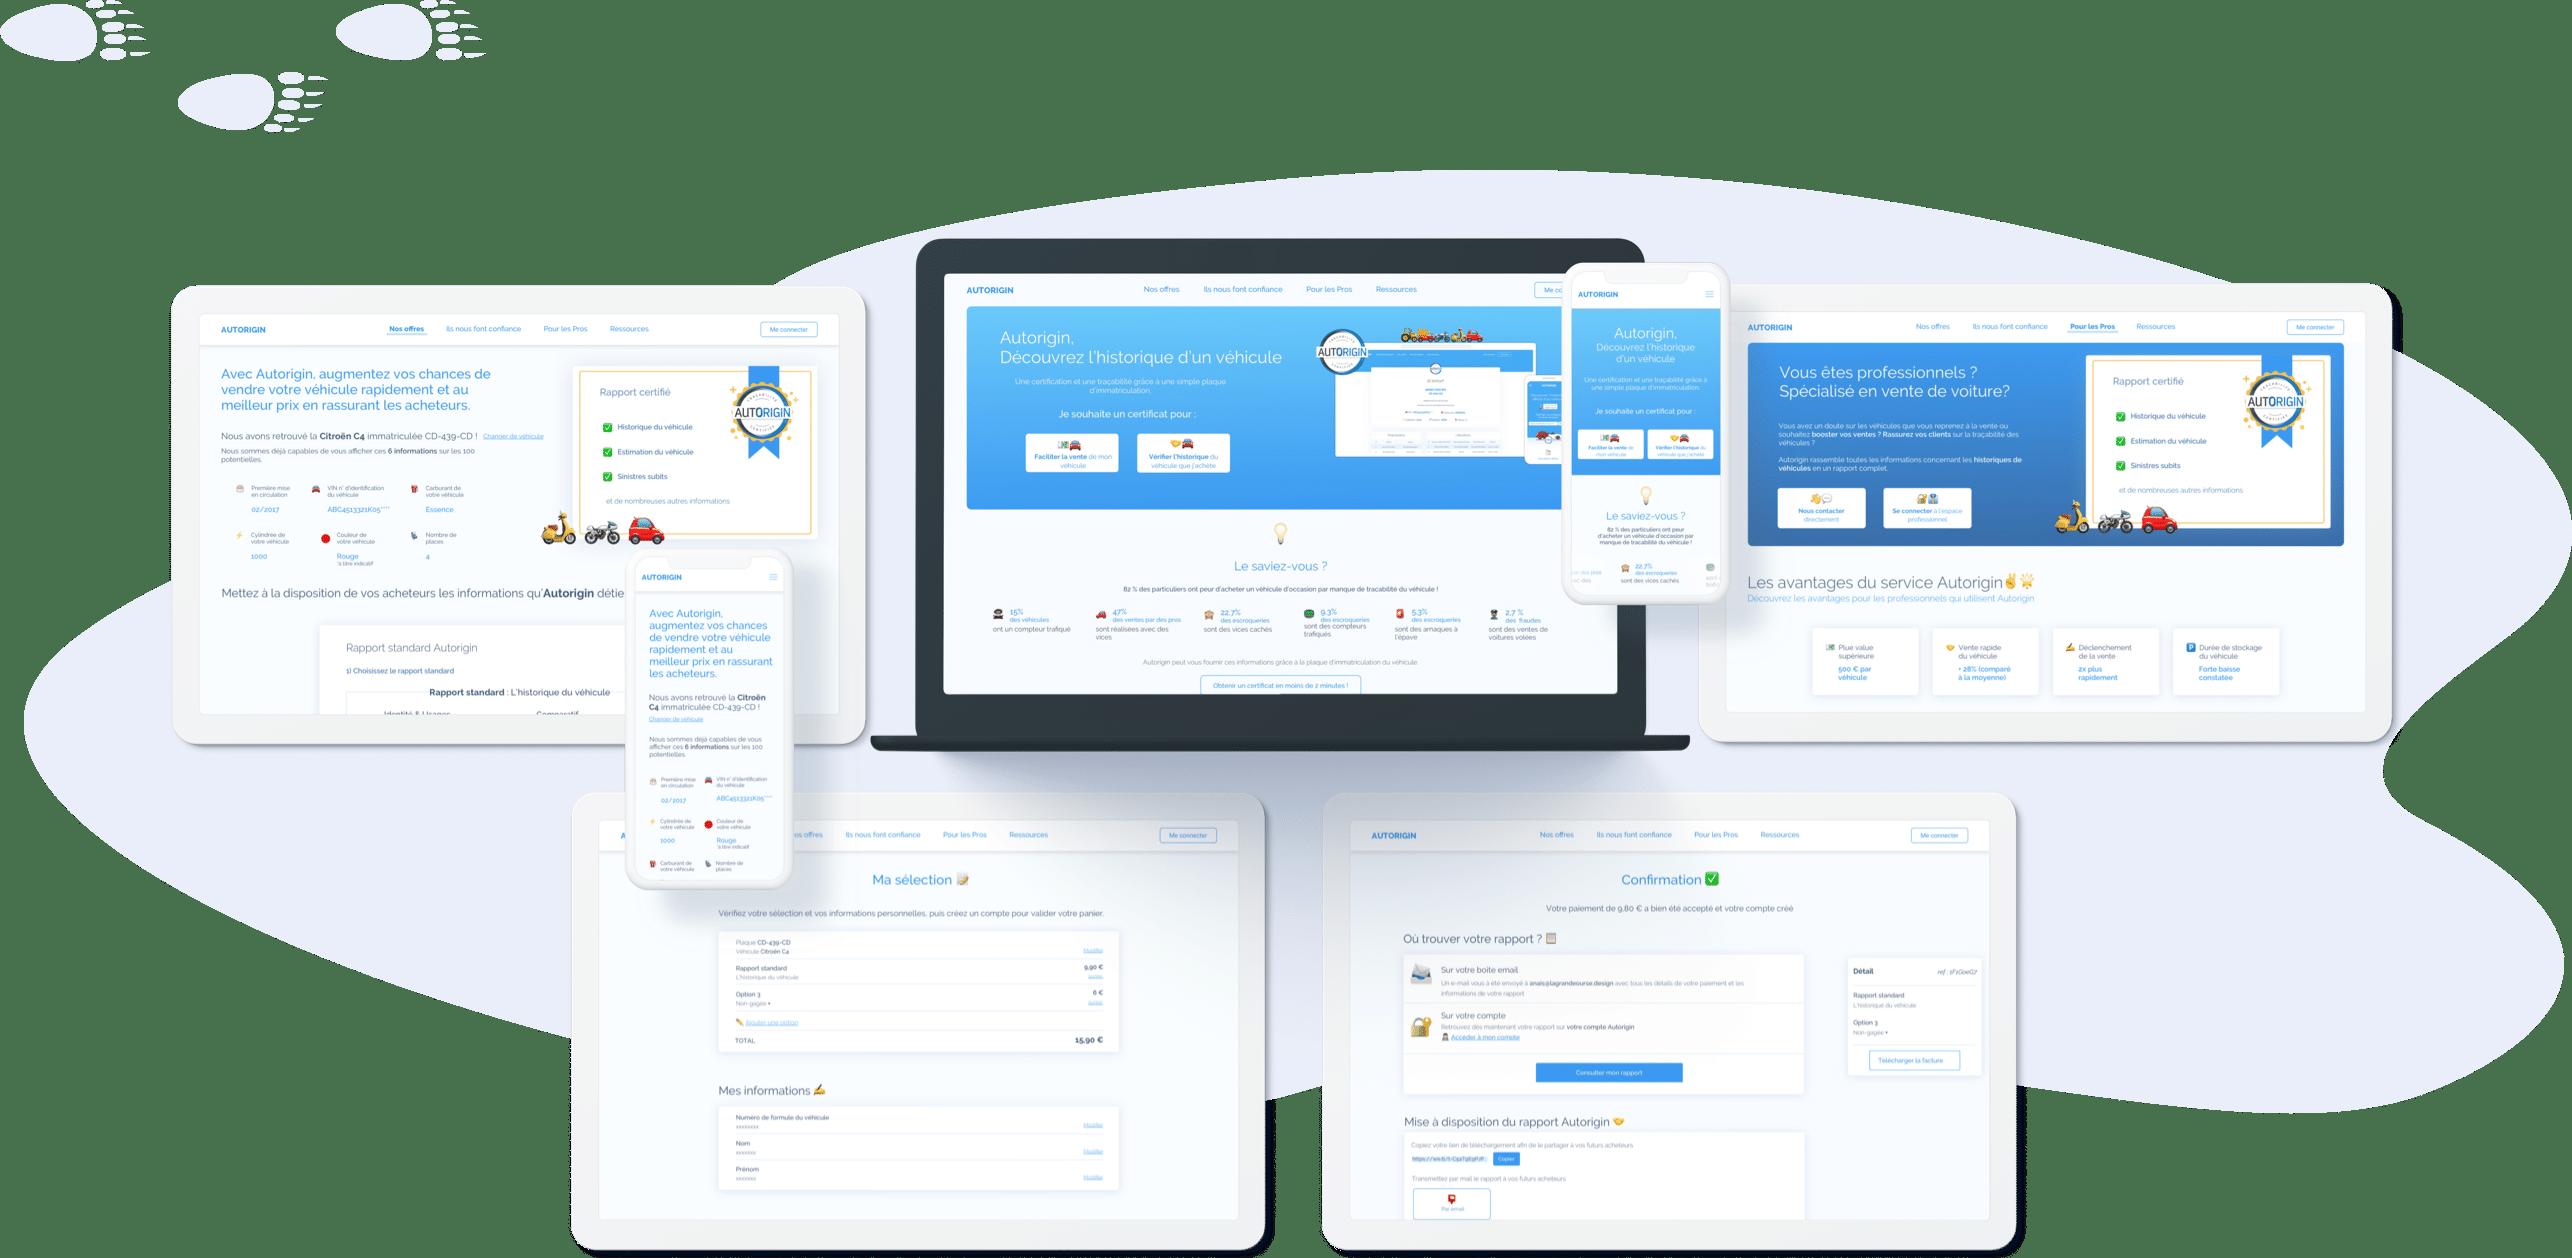 Autorigin - Conception UI (desktop et mobile)